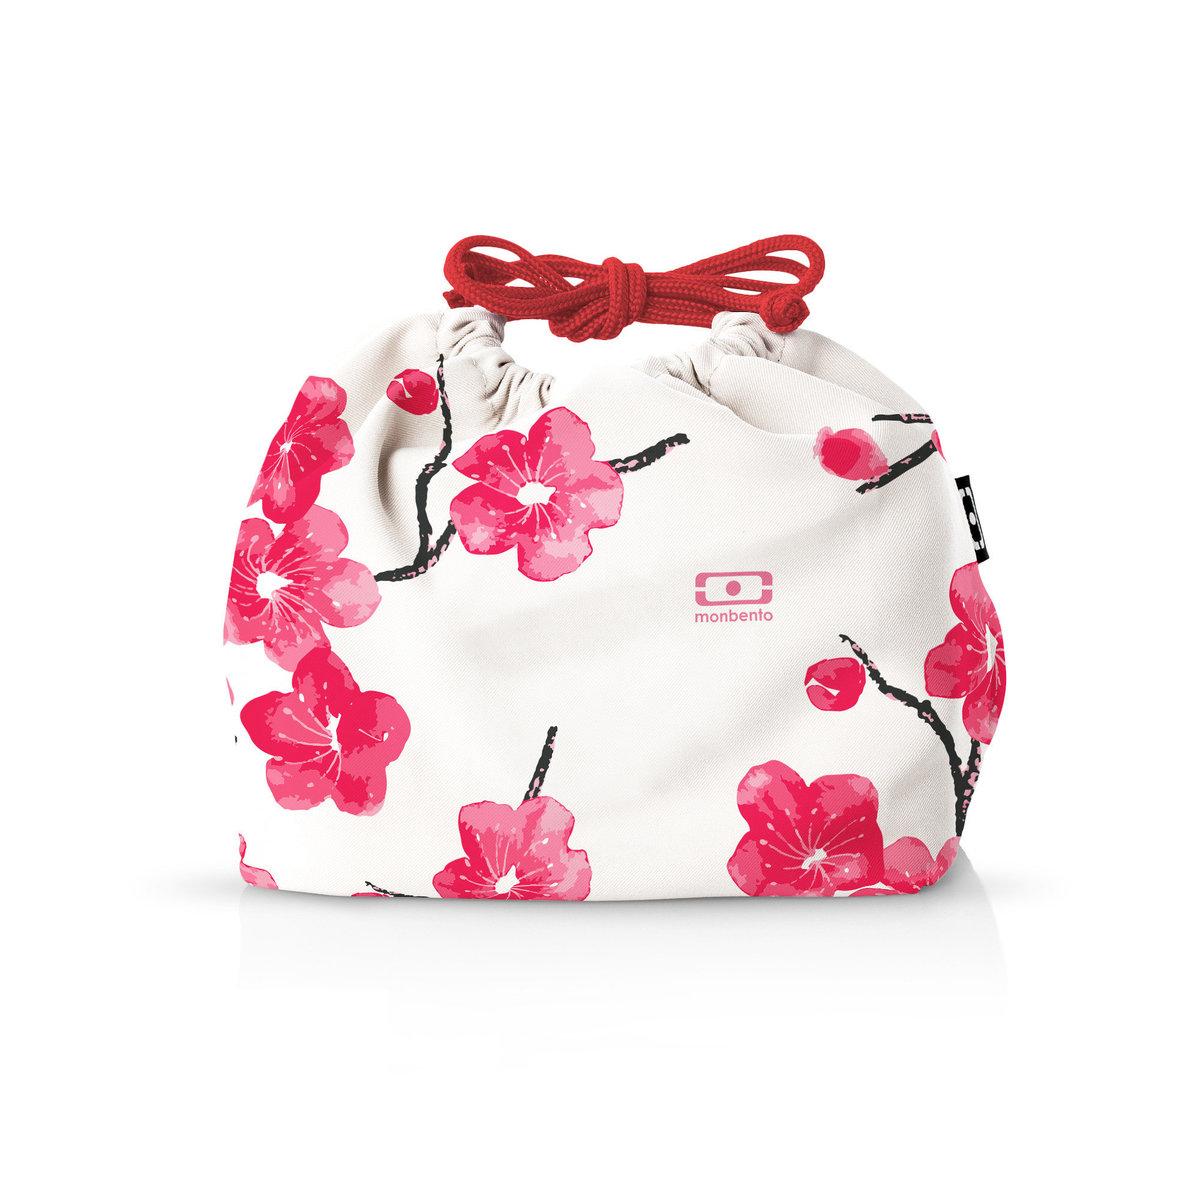 MB Pochette - Blossom